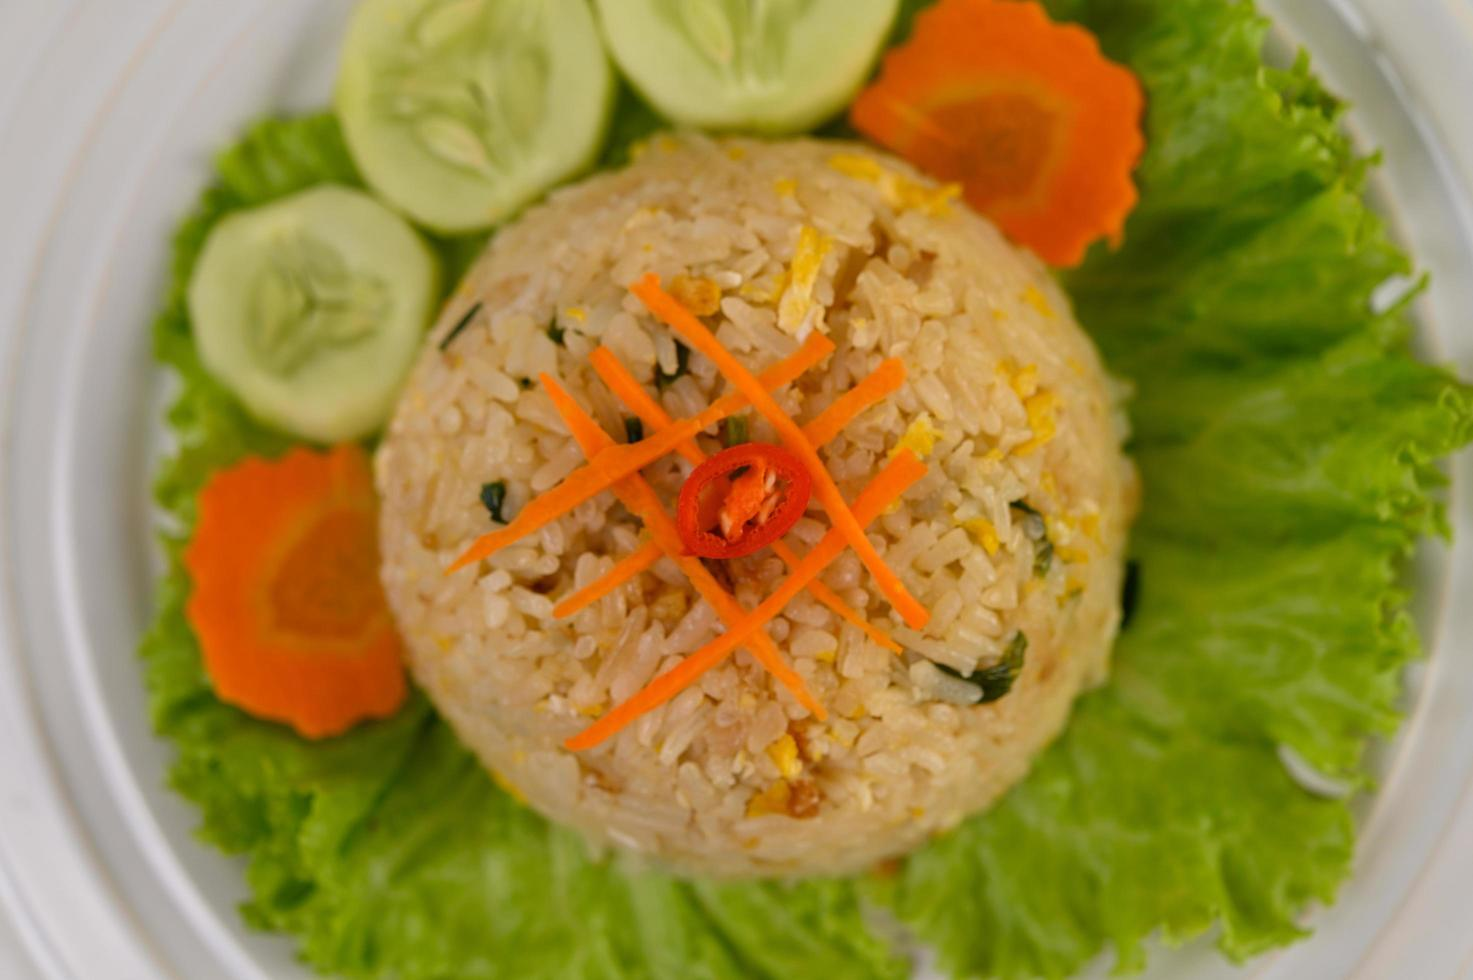 gebakken rijst op een witte plaat met sla en garnituur foto